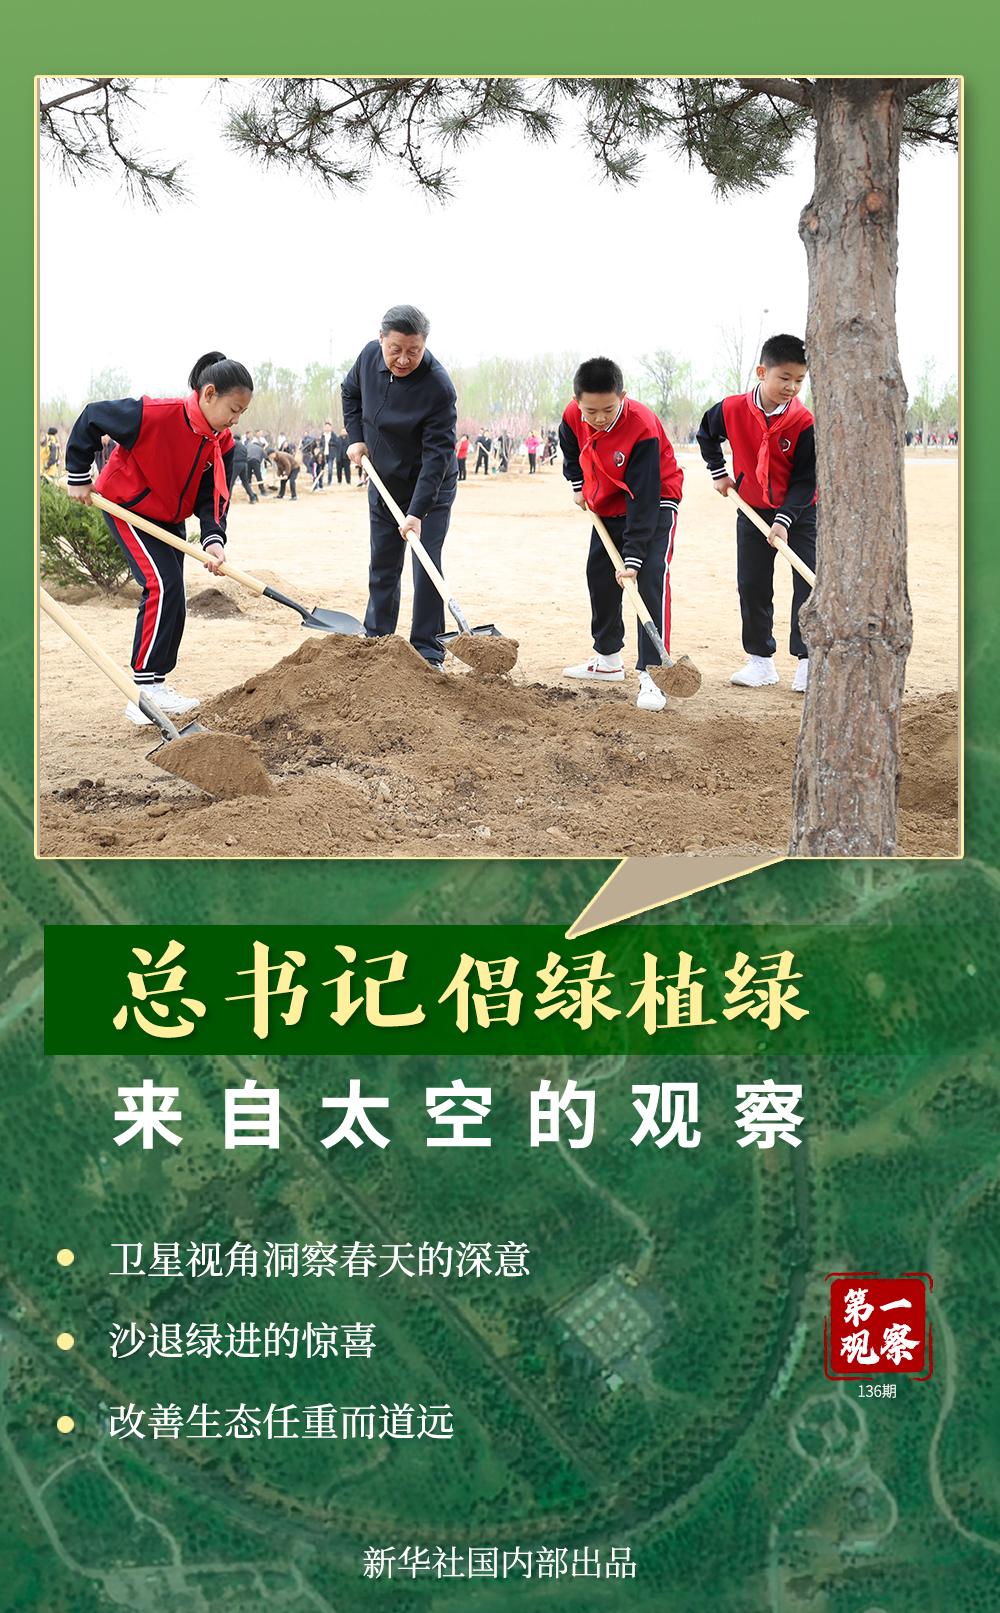 新白蛇传黄圣依_黑帽中文字幕手机在线技术_梧州网站优化